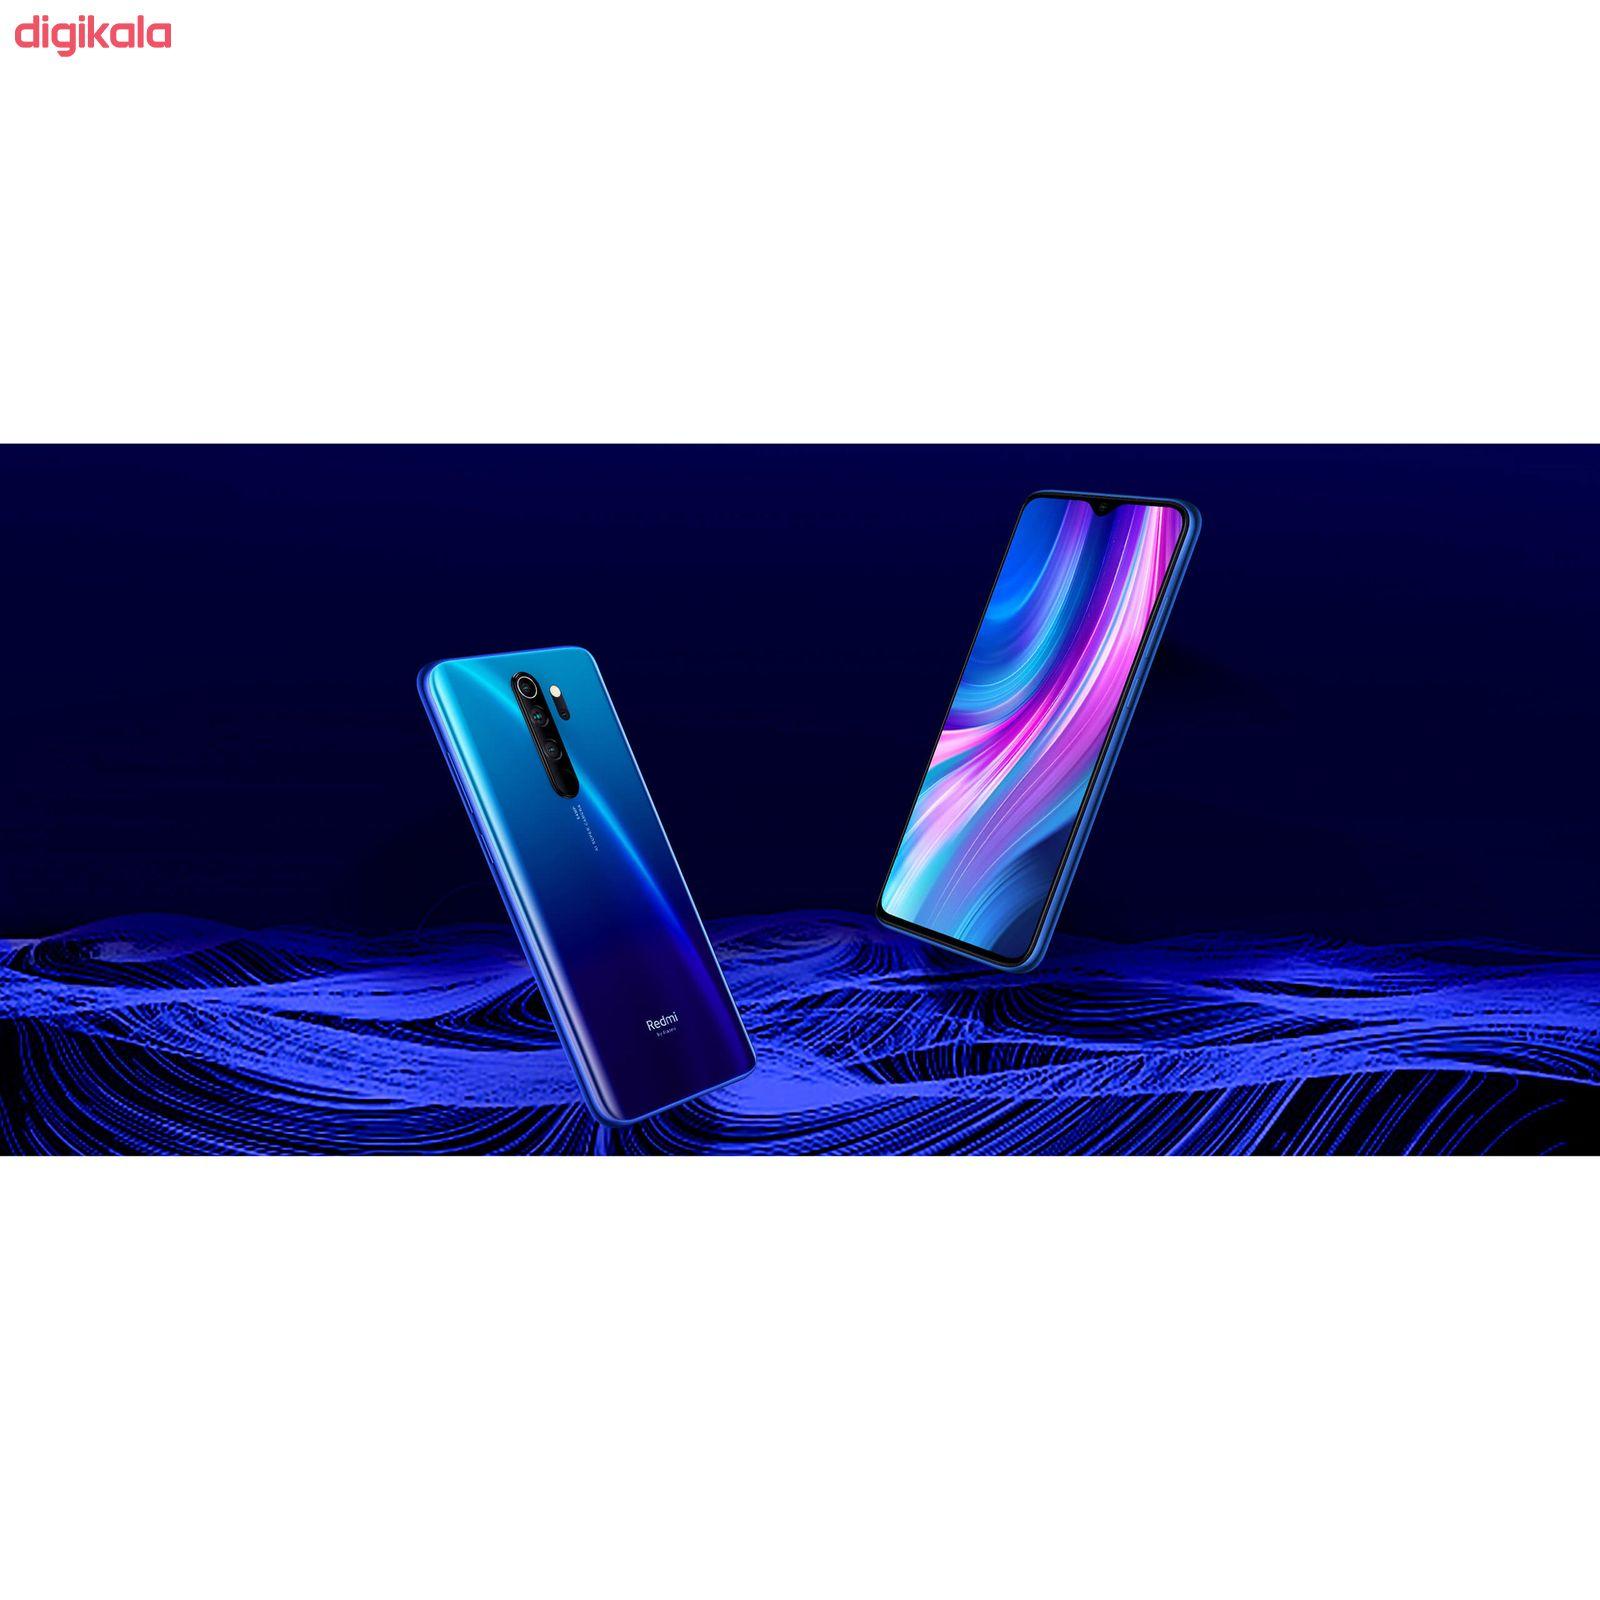 گوشی موبایل شیائومی مدل Redmi Note 8 Pro m1906g7G دو سیم کارت ظرفیت 128 گیگابایت main 1 35